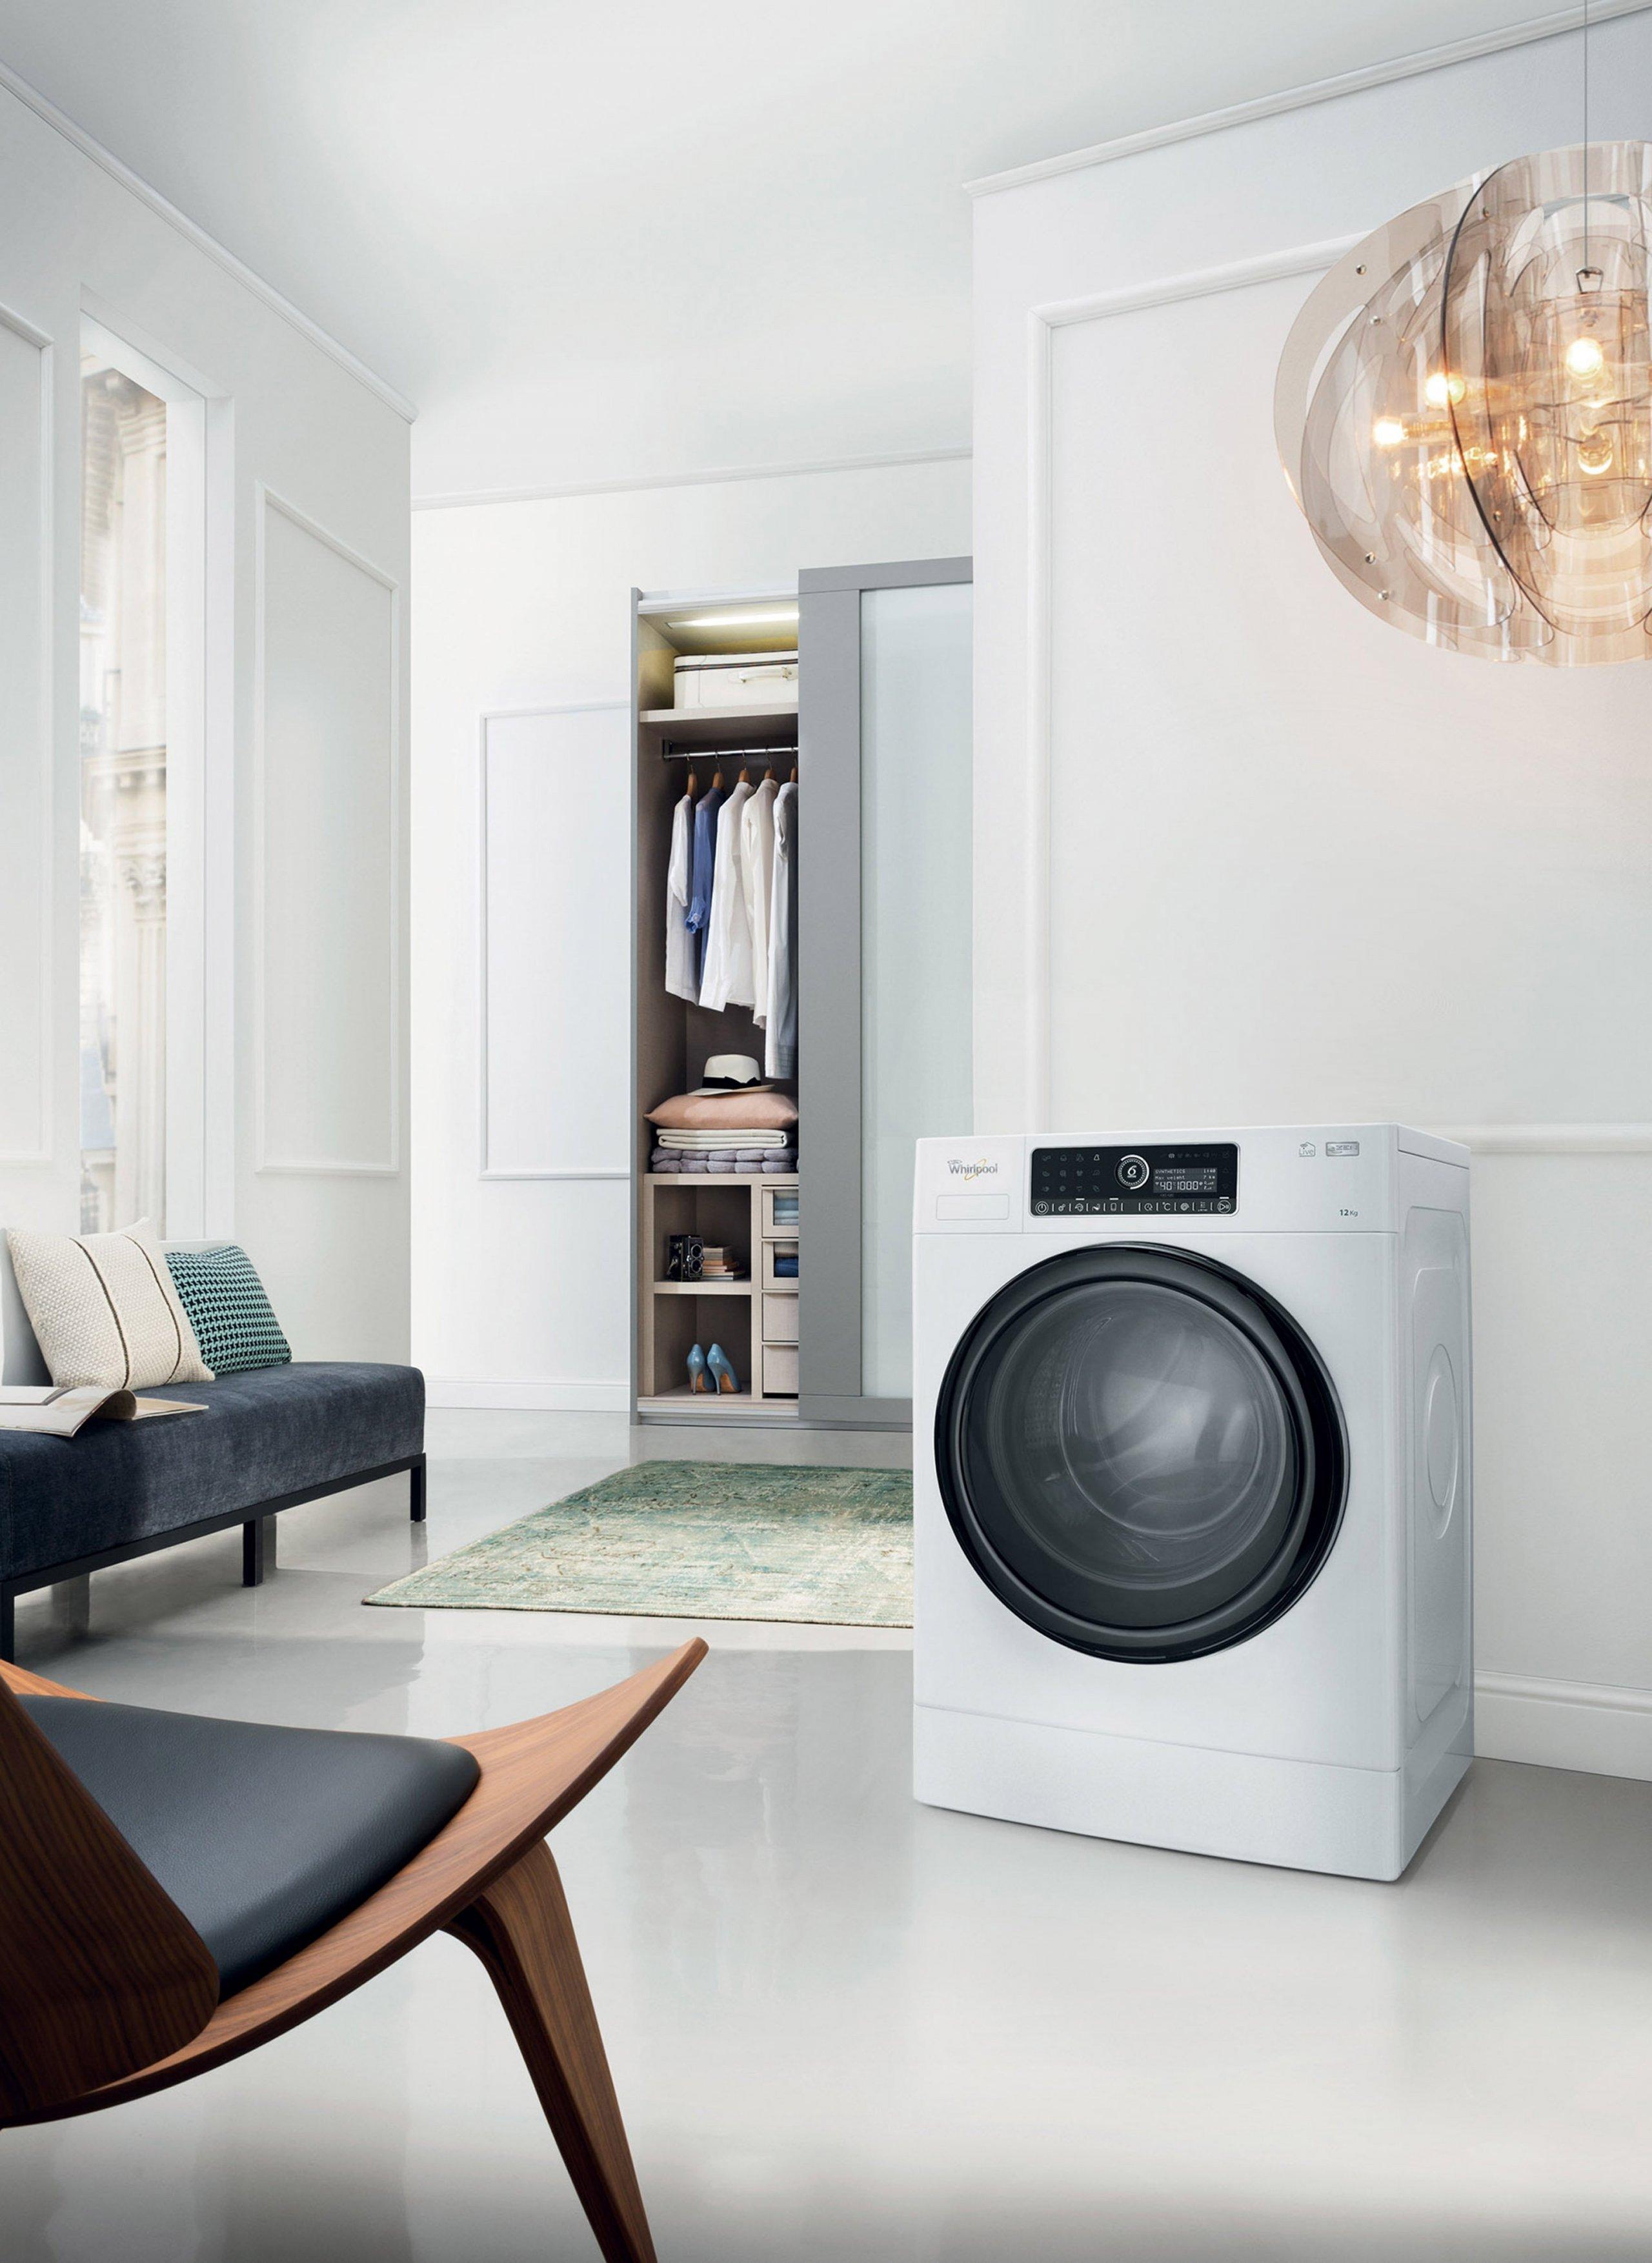 Na rozdíl od některých jiných zemí nejsou u nás v bytových domech rozšířené společné prádelny a nenarazíme zde ani na samoobslužné prádelny známé např. z amerických filmů. Pračka je proto standardem a nedílnou součástí každého domu či bytu. Současně se však nejedná o typický designový prvek a není proto divu, že mnoho domácností řeší problém s umístěním pračky. I díky tomu, že se jedná o poměrně rozměrného pomocníka, nejde o jednoduchý rébus. Zvláště v případě bytů je obtížné najít pro pračku samostatný technický prostor nebo komoru a zbývá tak její umístění v některé z běžných místností.